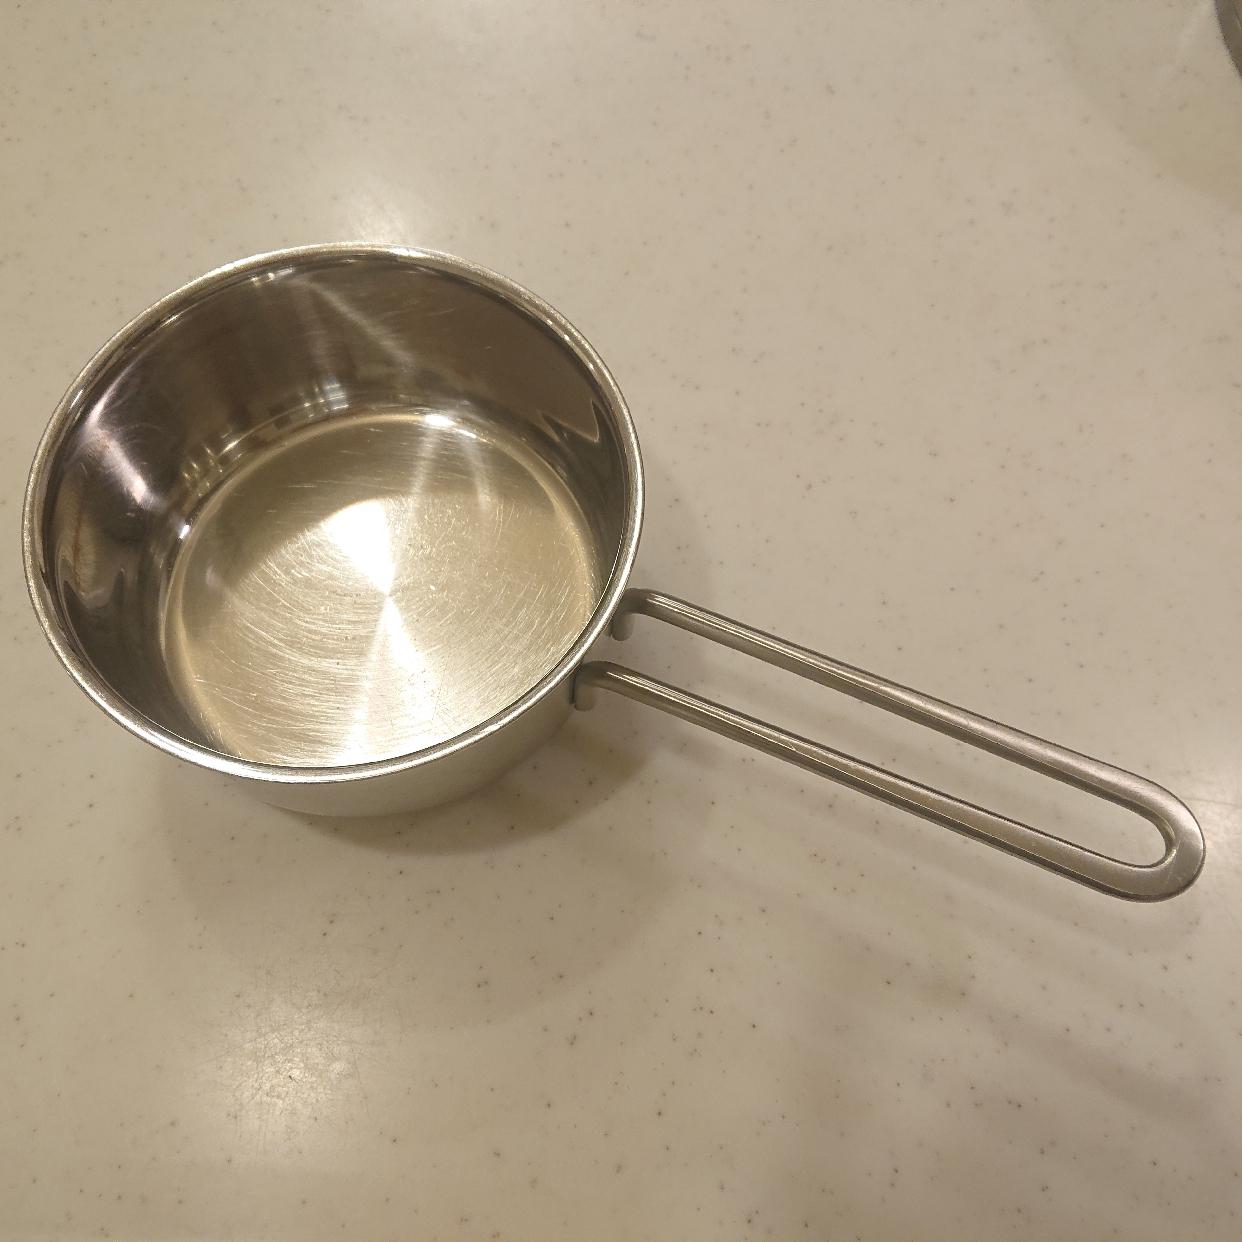 ZWILLING(ツヴィリング)ピコ ソースパン 片手鍋 14cm  66655-140-0を使ったくぅチャンネンさんのクチコミ画像2